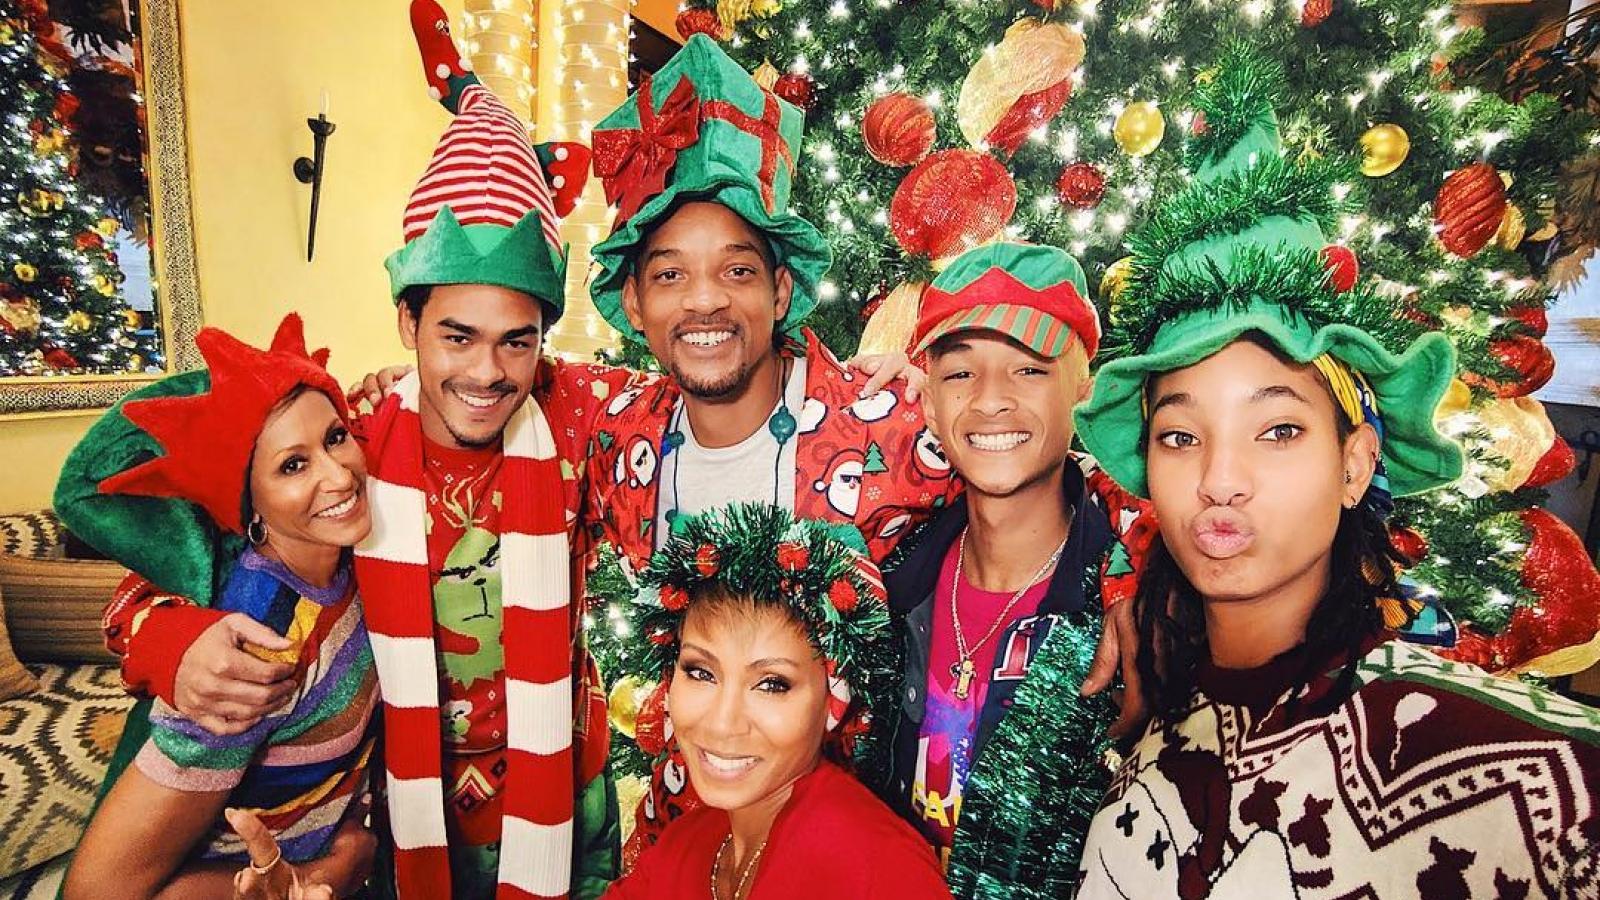 Các gia đình nổi tiếng tại Hollywood đón Giáng sinh ra sao?